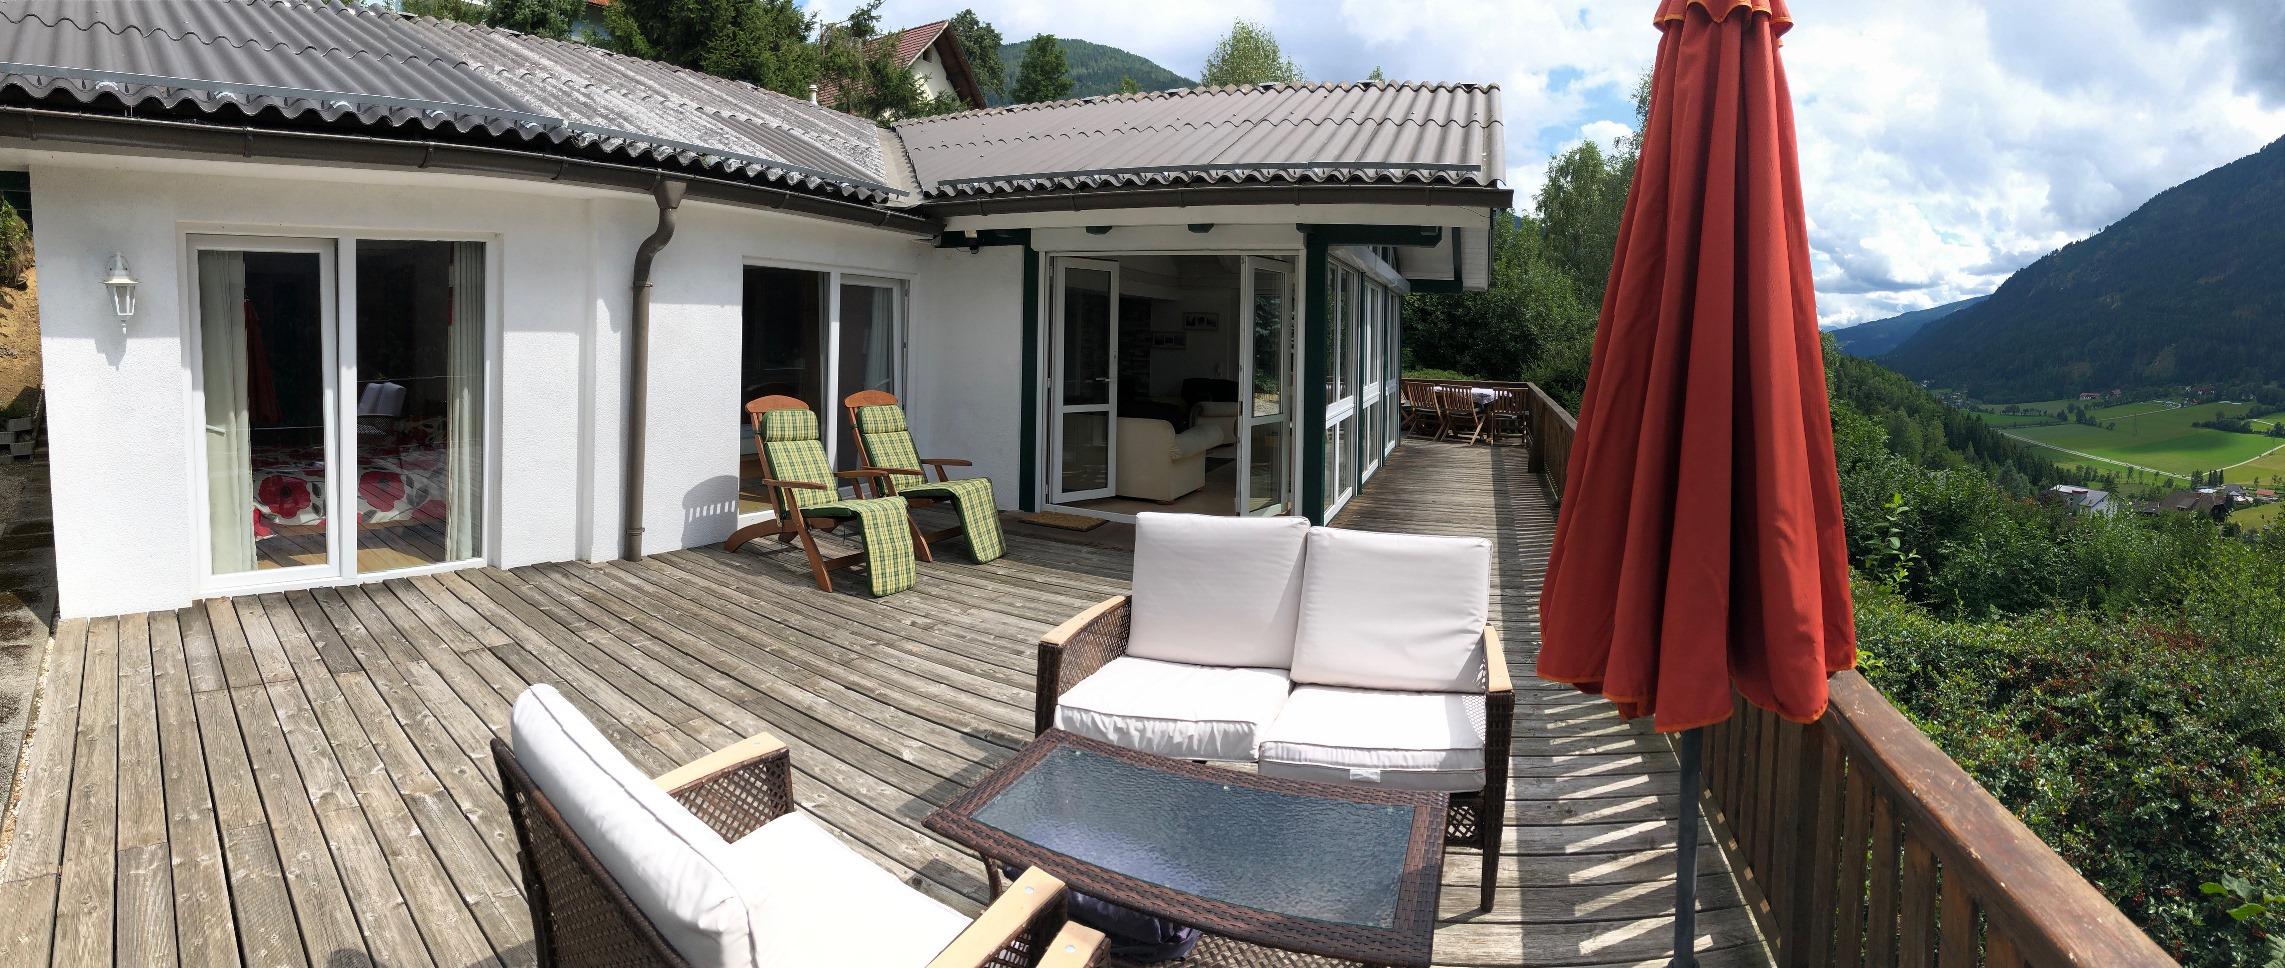 Radenthein, Kaernten, Untertweng Haus (CHILL) in totaler Sonnenlage und mit herrlichem Blick